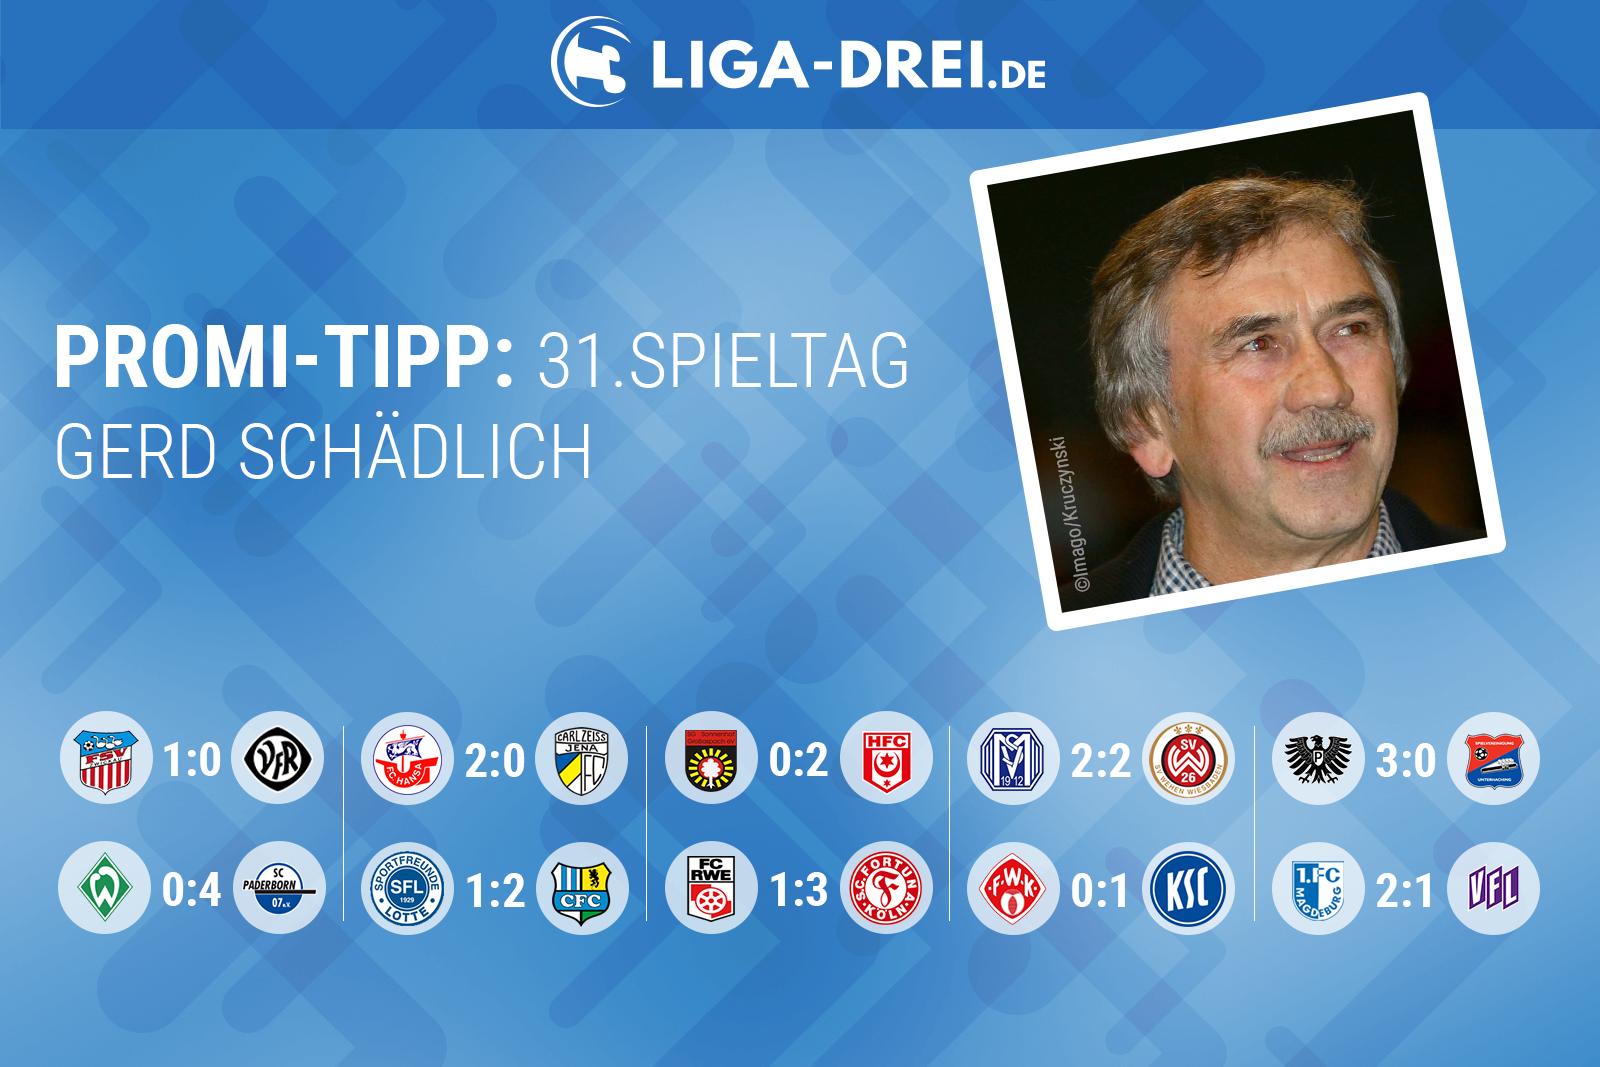 Gerd Schädlich tippt den 31. Spieltag